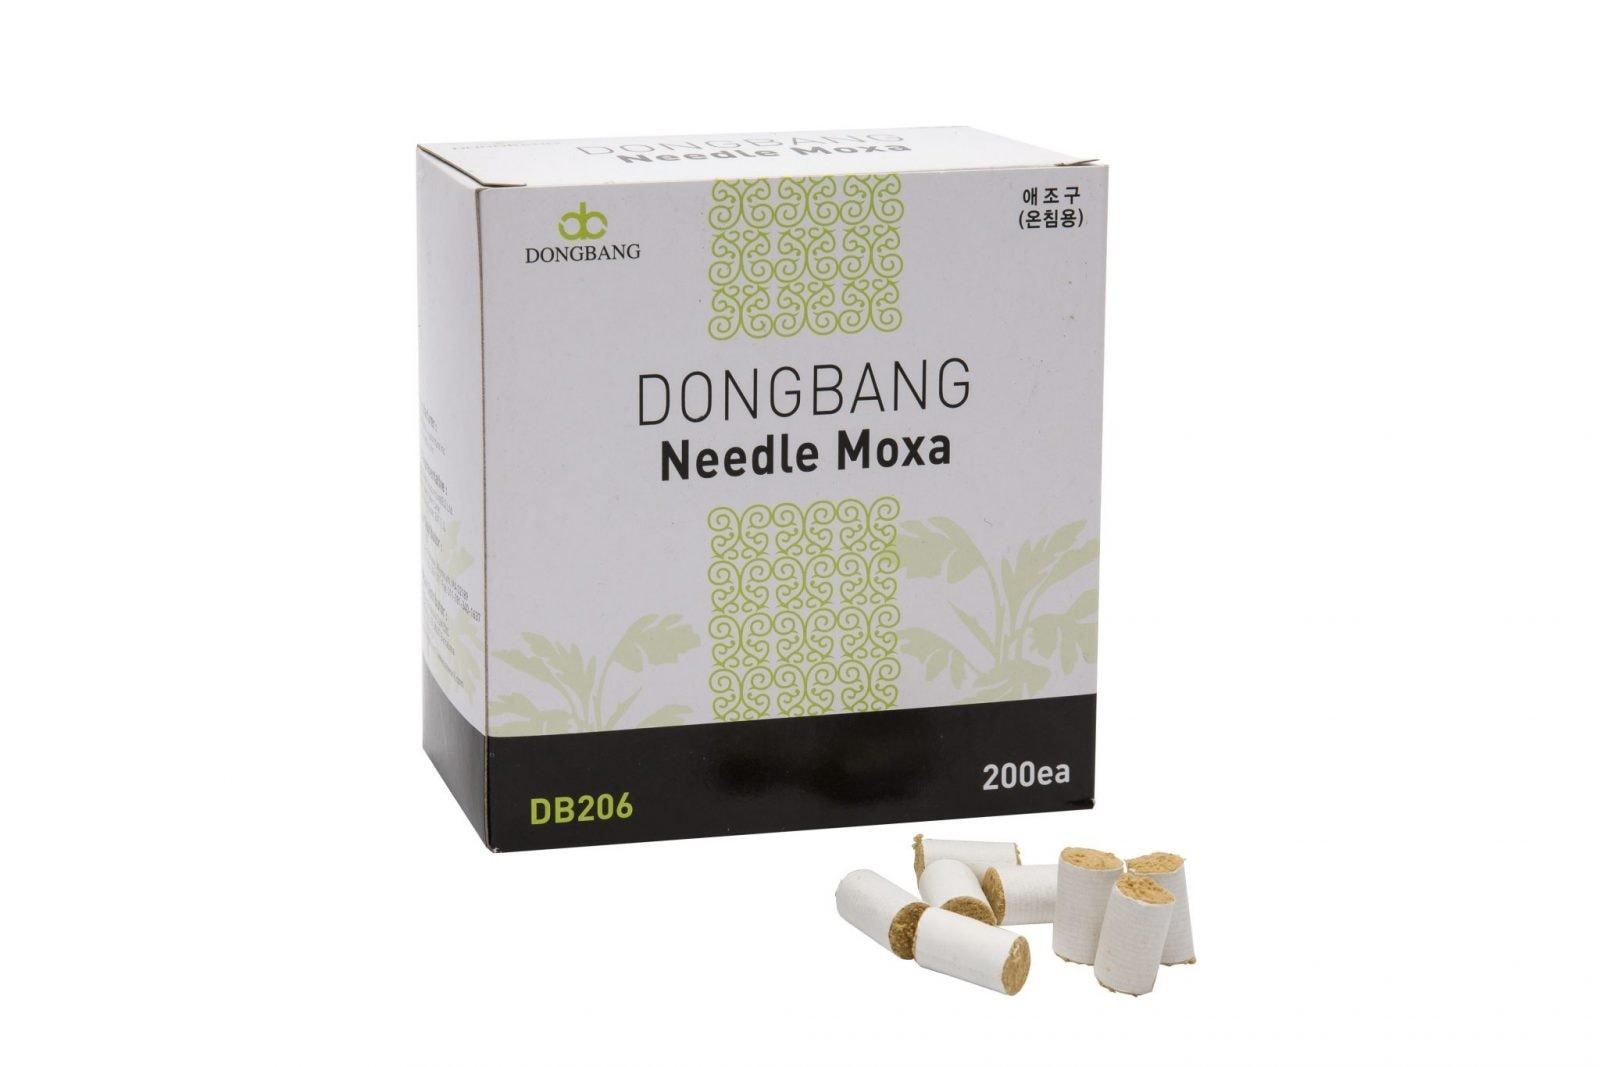 DB 206 Needle Moxa